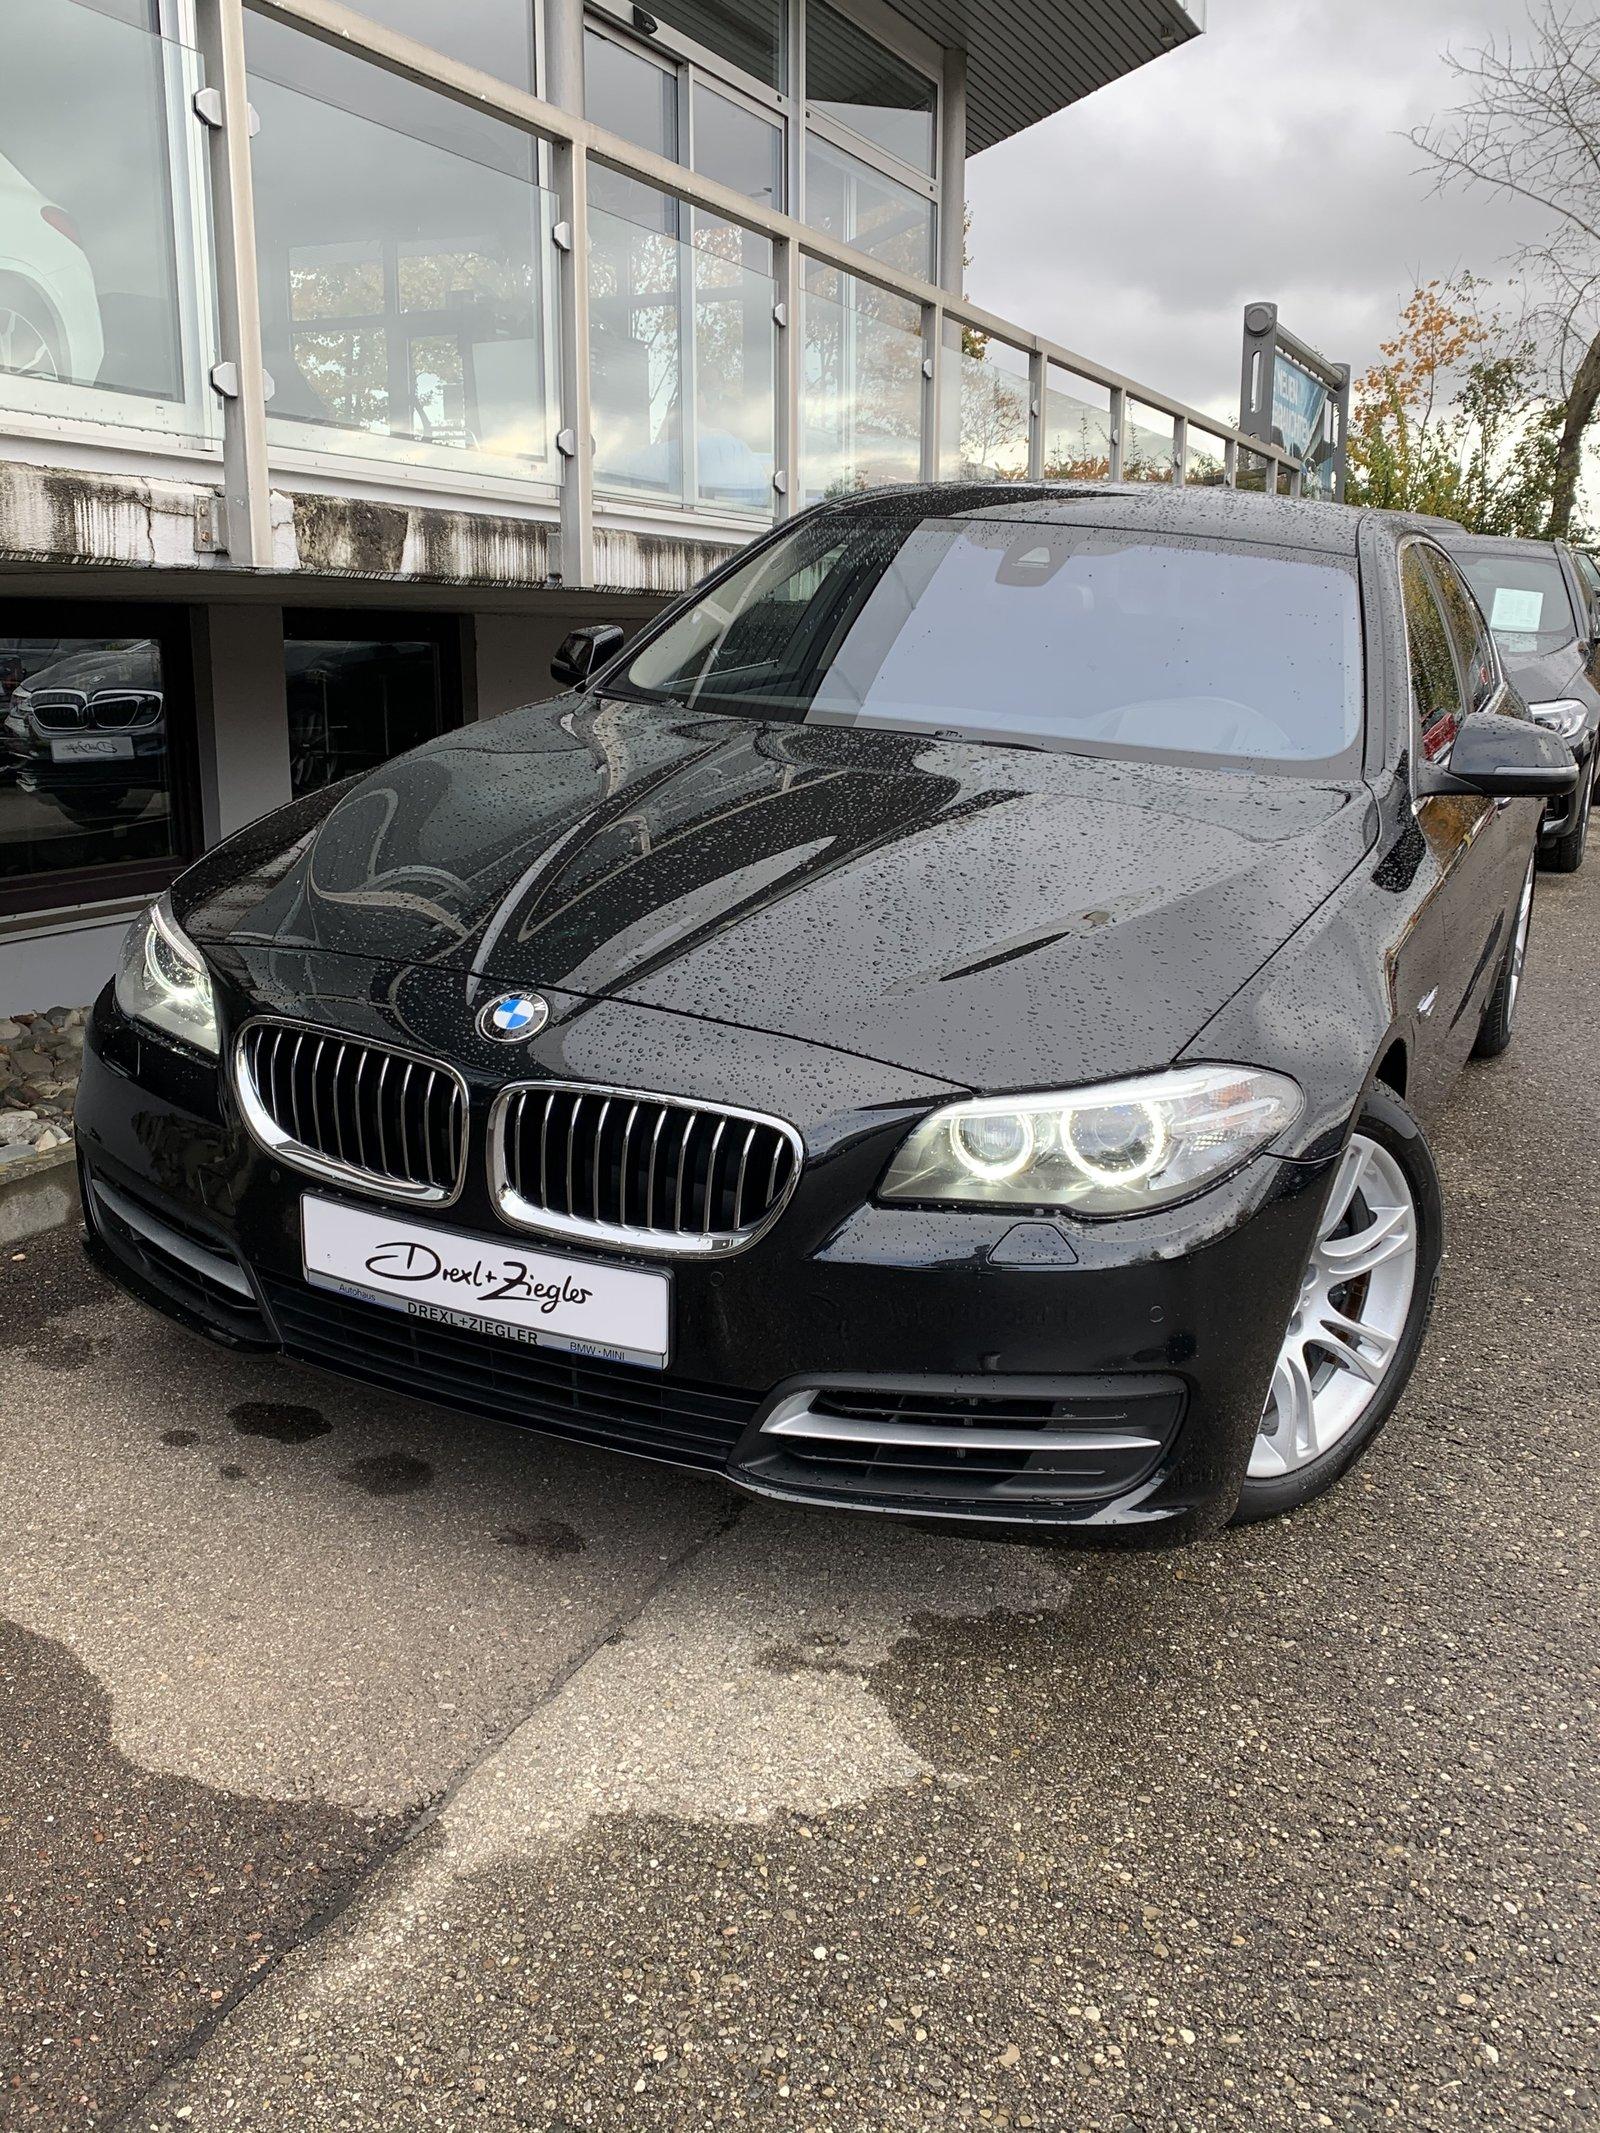 BMW 530d xDrive Limousine Xenon Navi HUD HiFi Kamera, Jahr 2015, Diesel